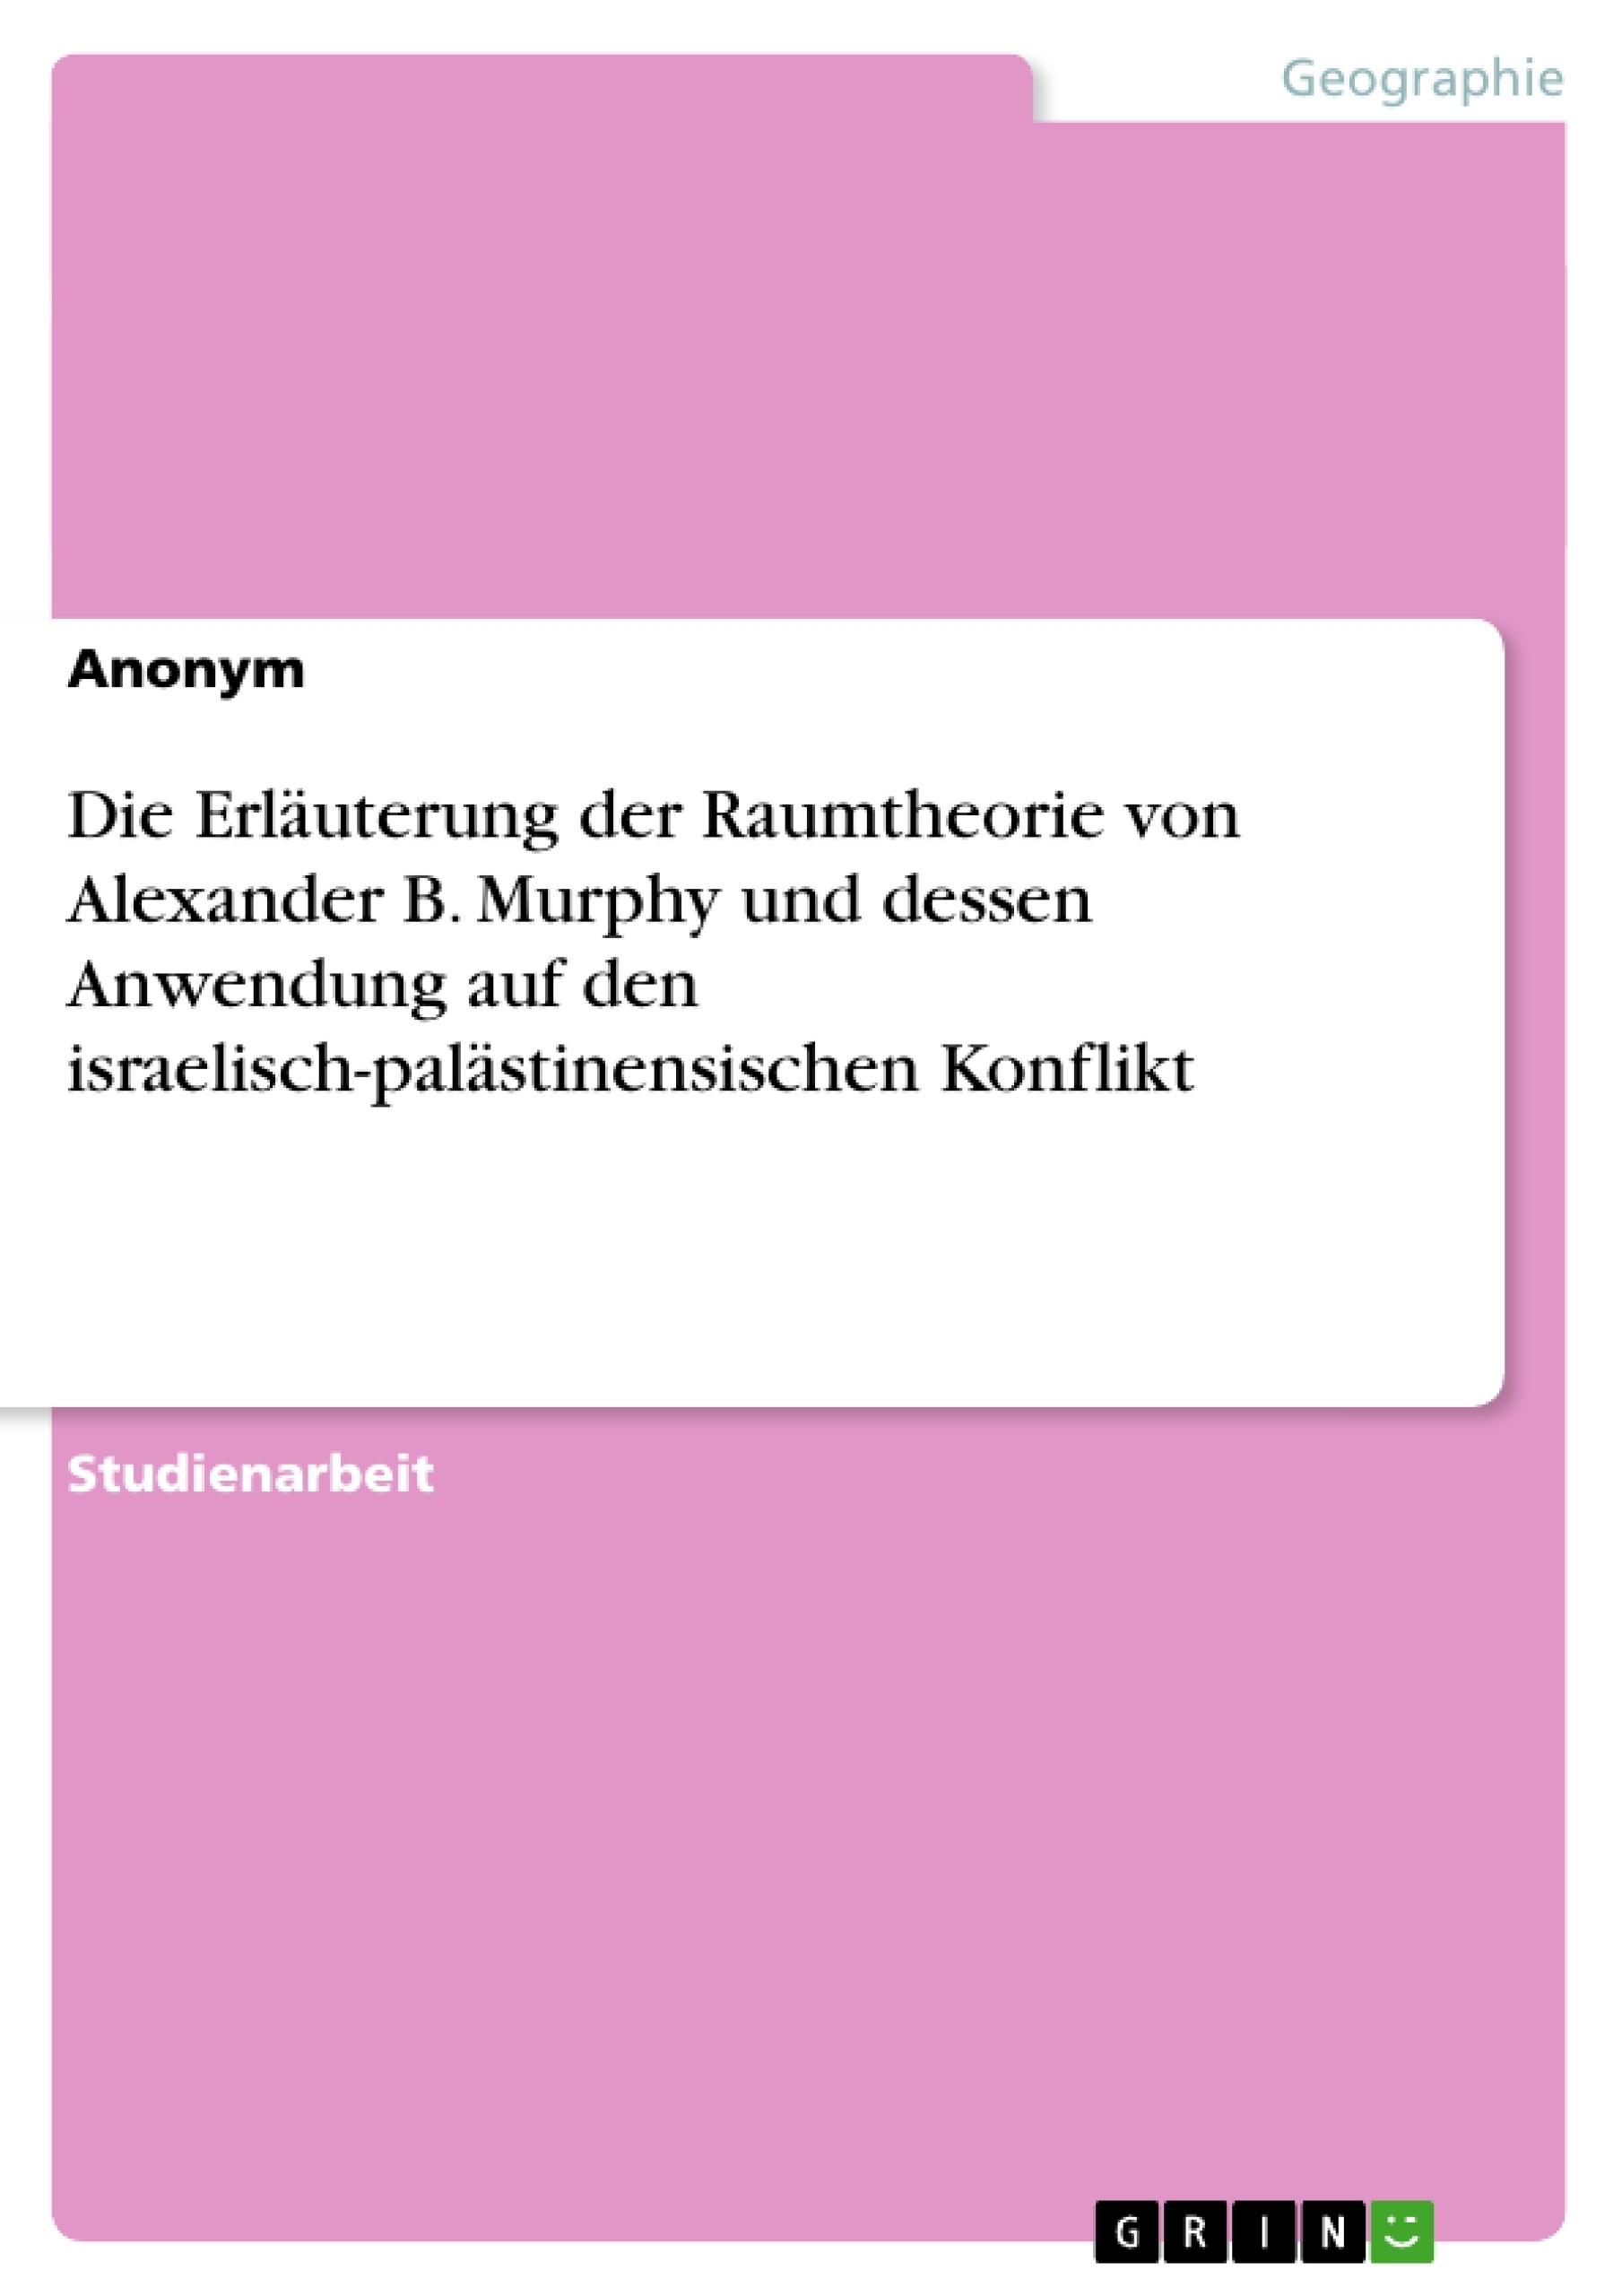 Titel: Die Erläuterung der Raumtheorie von Alexander B. Murphy und dessen Anwendung auf den israelisch-palästinensischen Konflikt